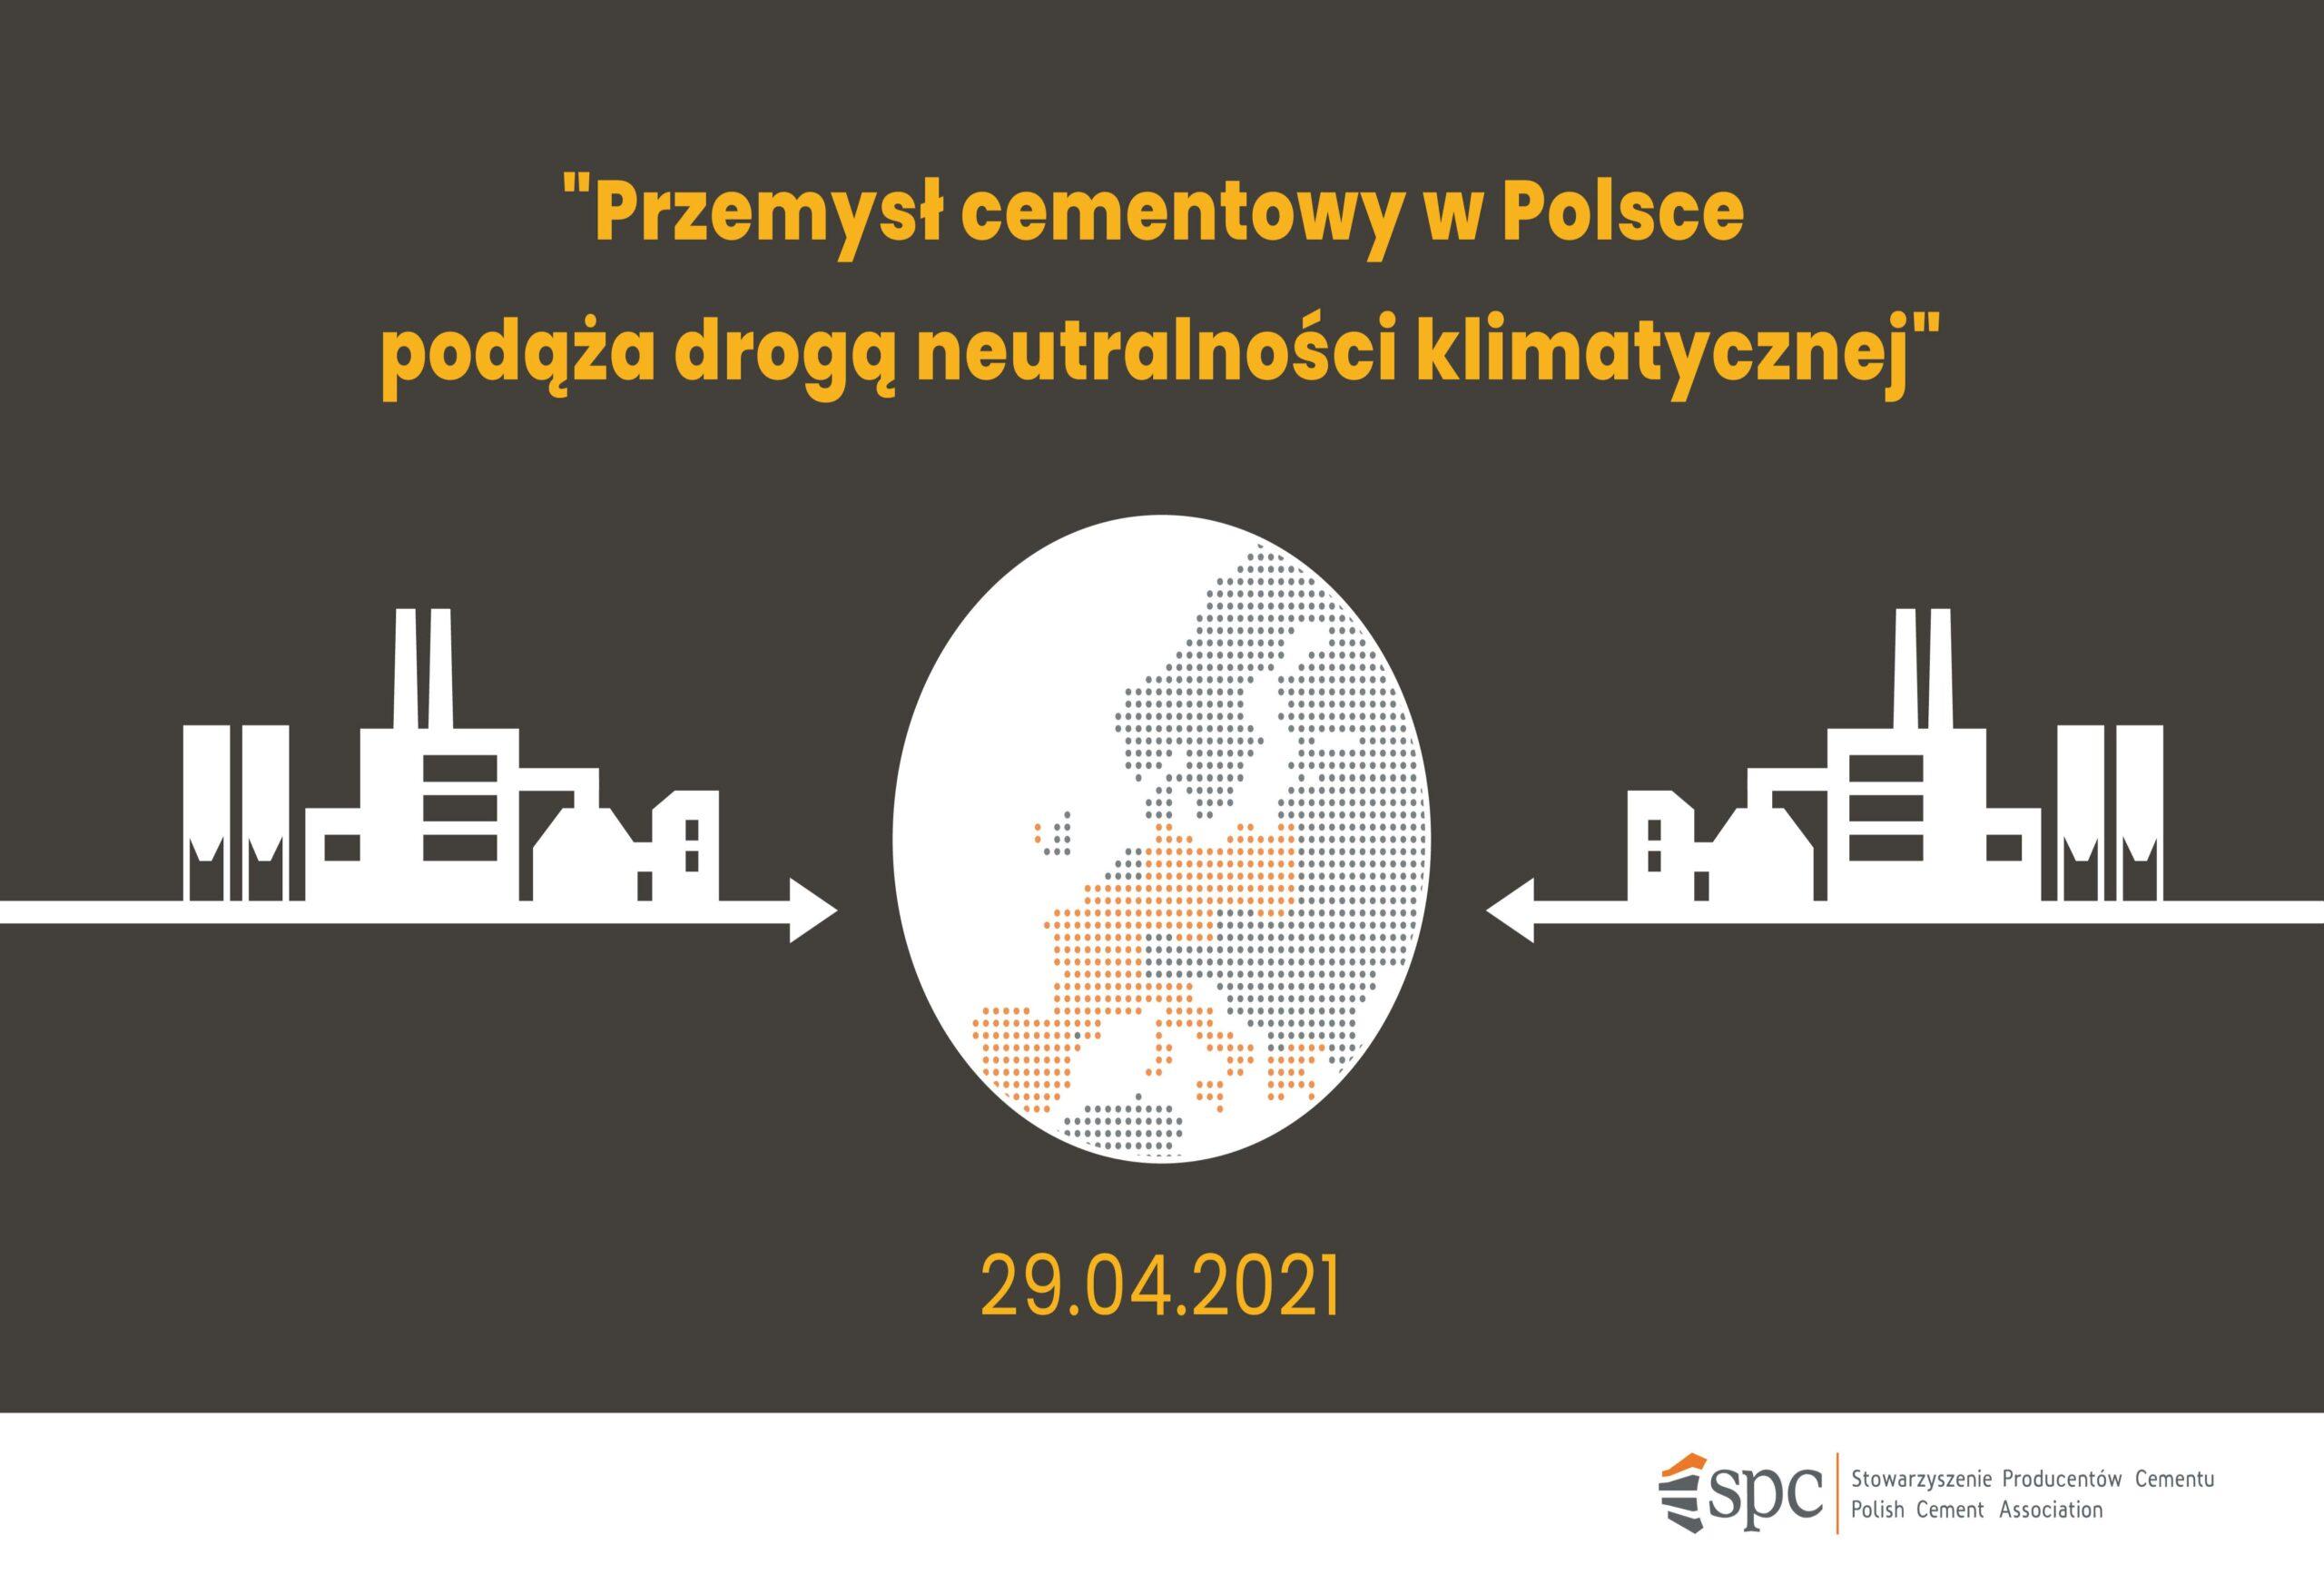 Przemysł cementowy w Polsce podąża droga neutralności klimatycznej